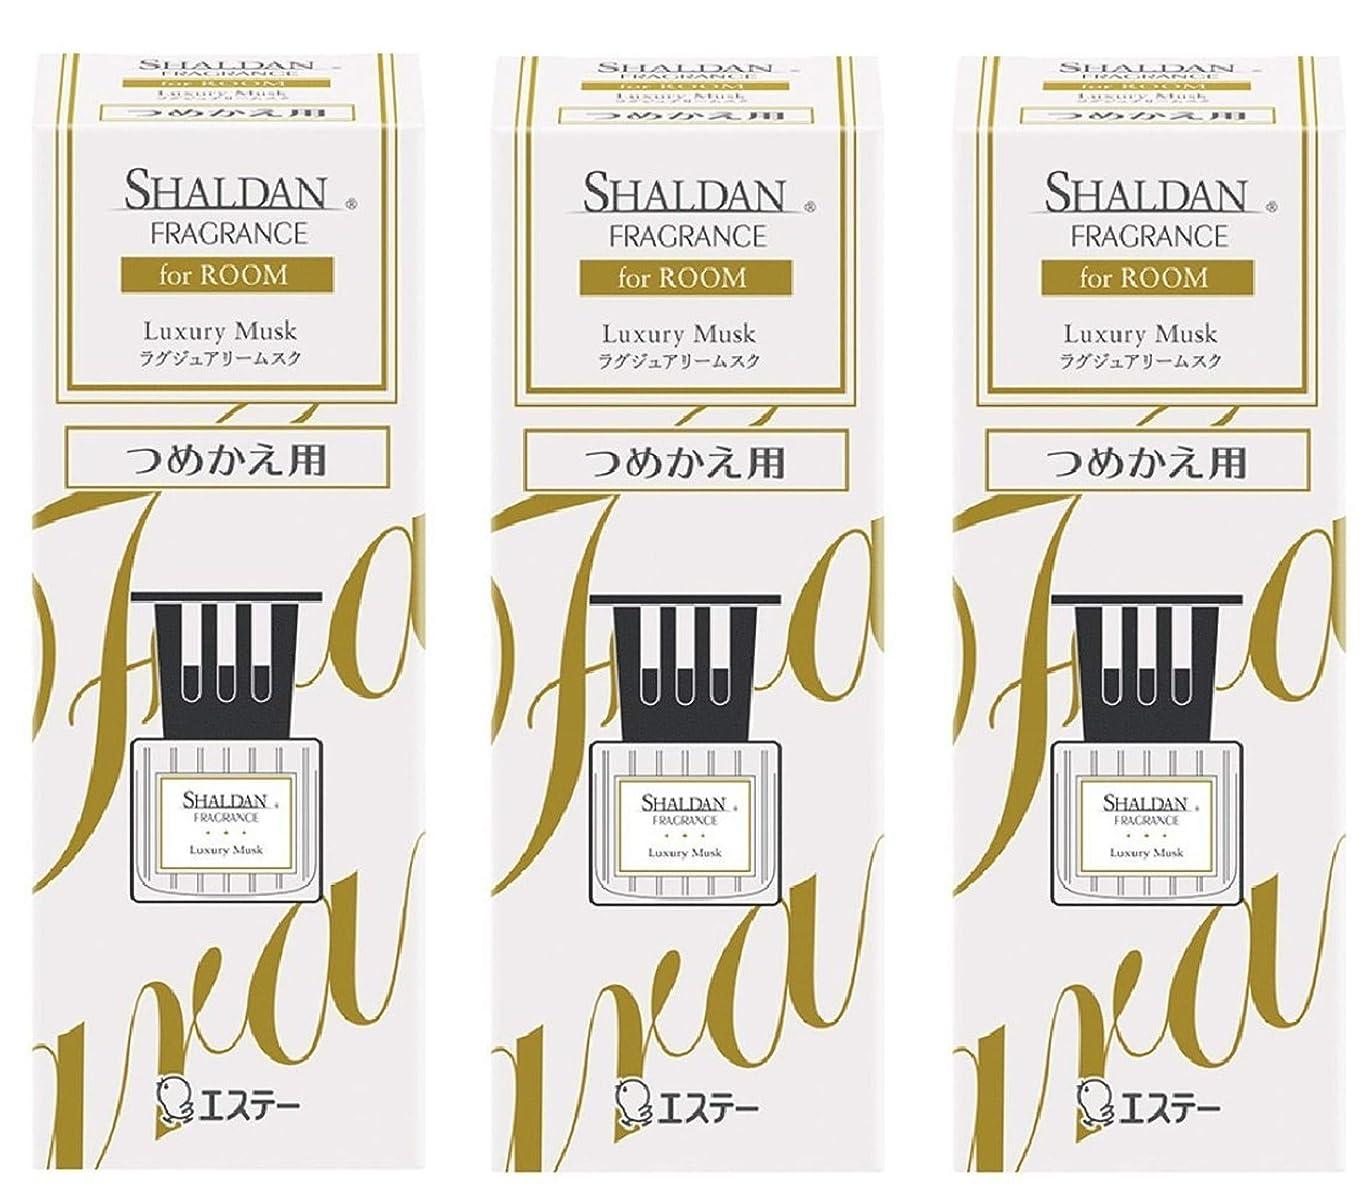 勉強するトレーニング些細な【まとめ買い】シャルダン SHALDAN フレグランス for ROOM 芳香剤 部屋用 部屋 つめかえ ラグジュアリームスク 65ml×3個